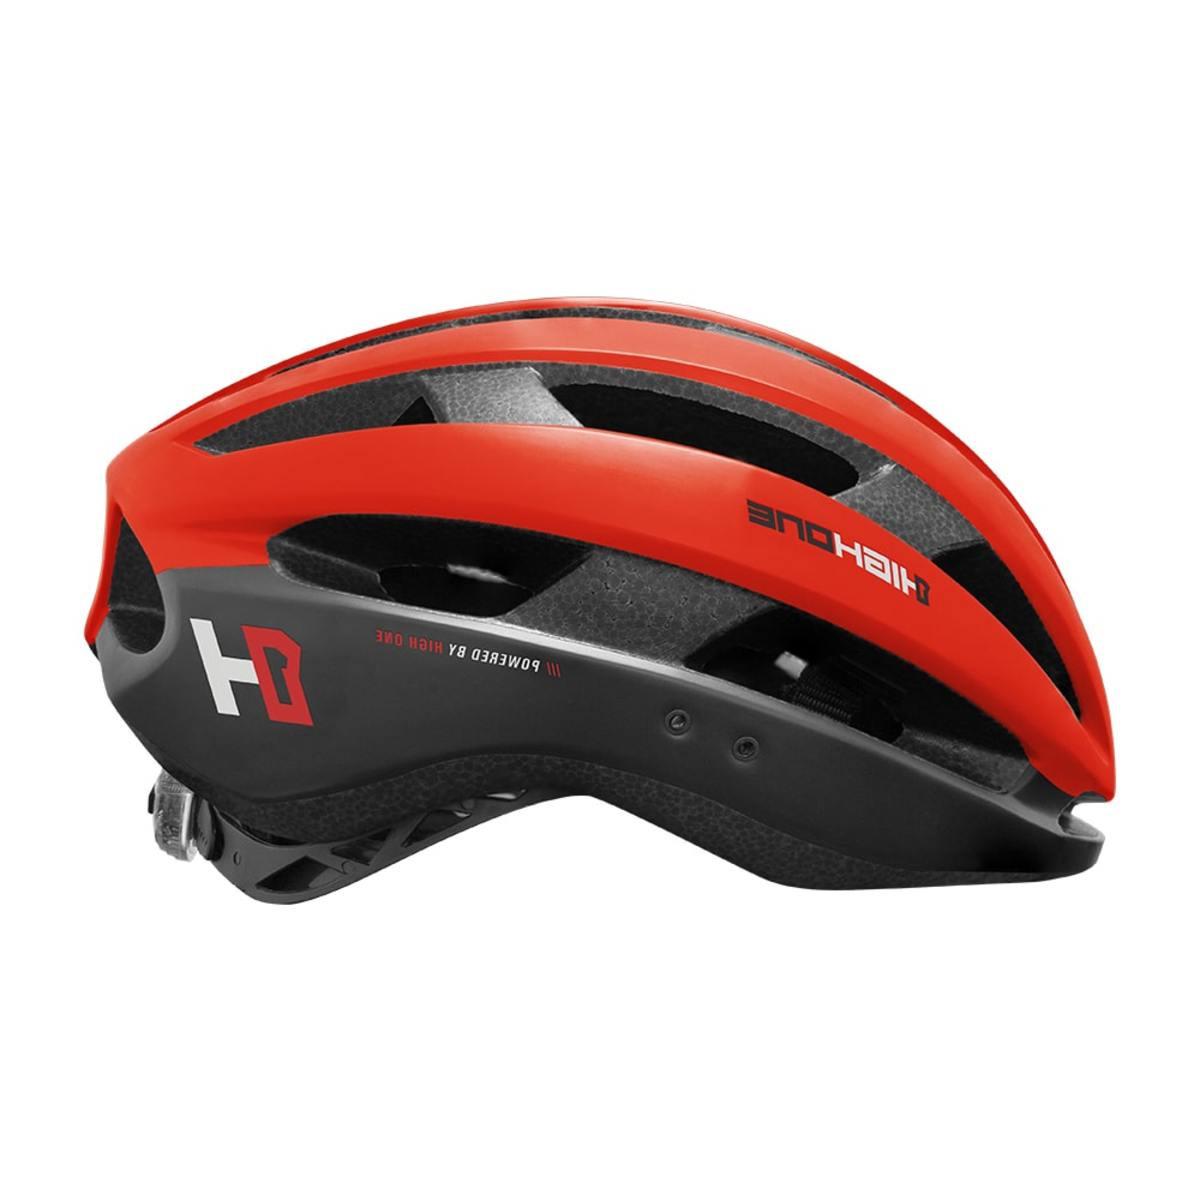 Capacete Ciclismo High One Bike MTB Speed Wind Aero Pto Vrm